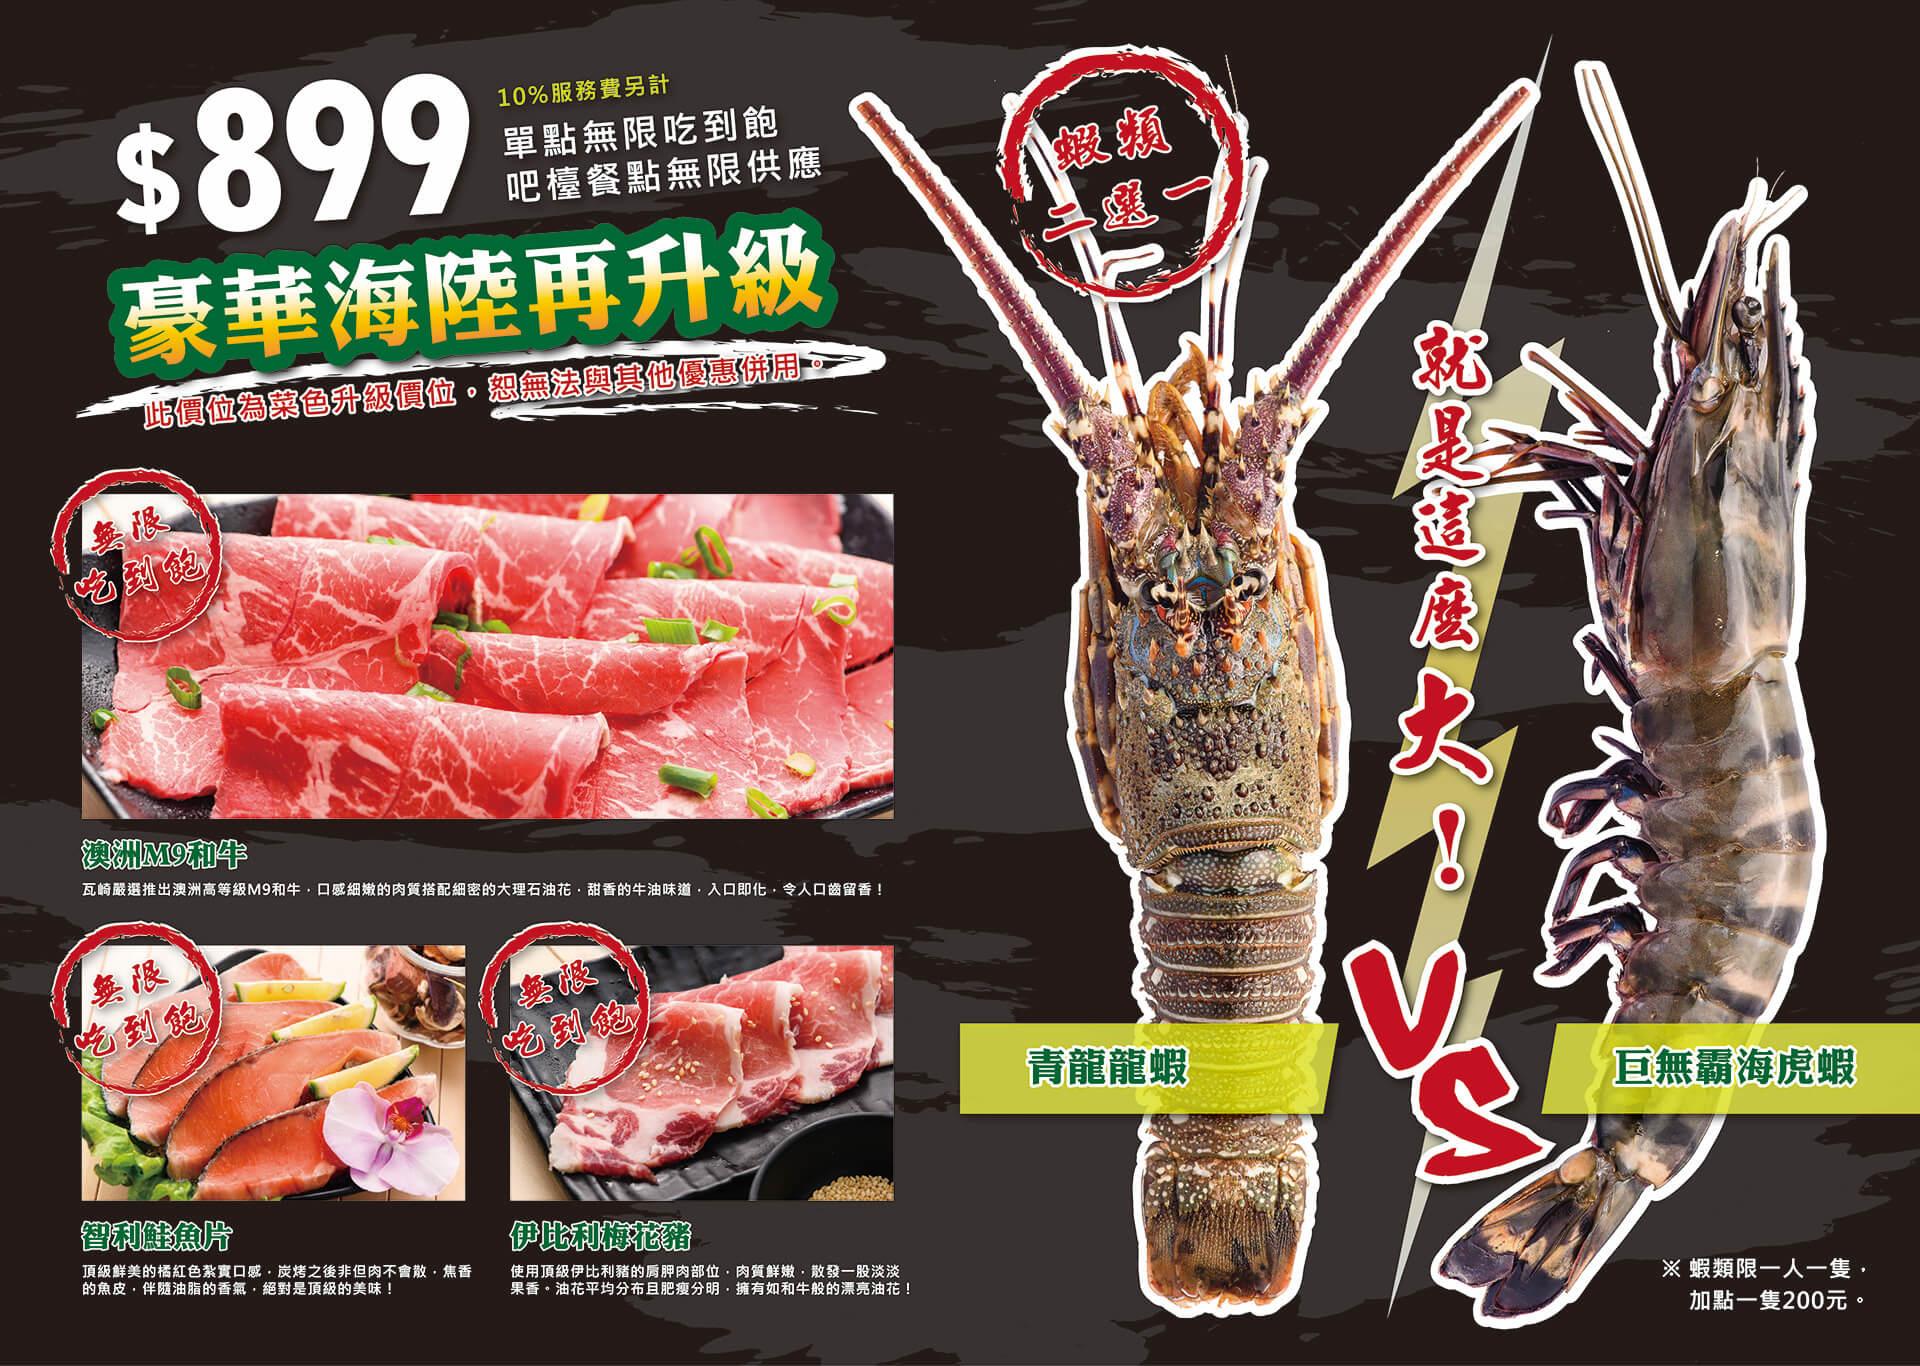 0412瓦崎燒烤-菜單本-設計O-04-1